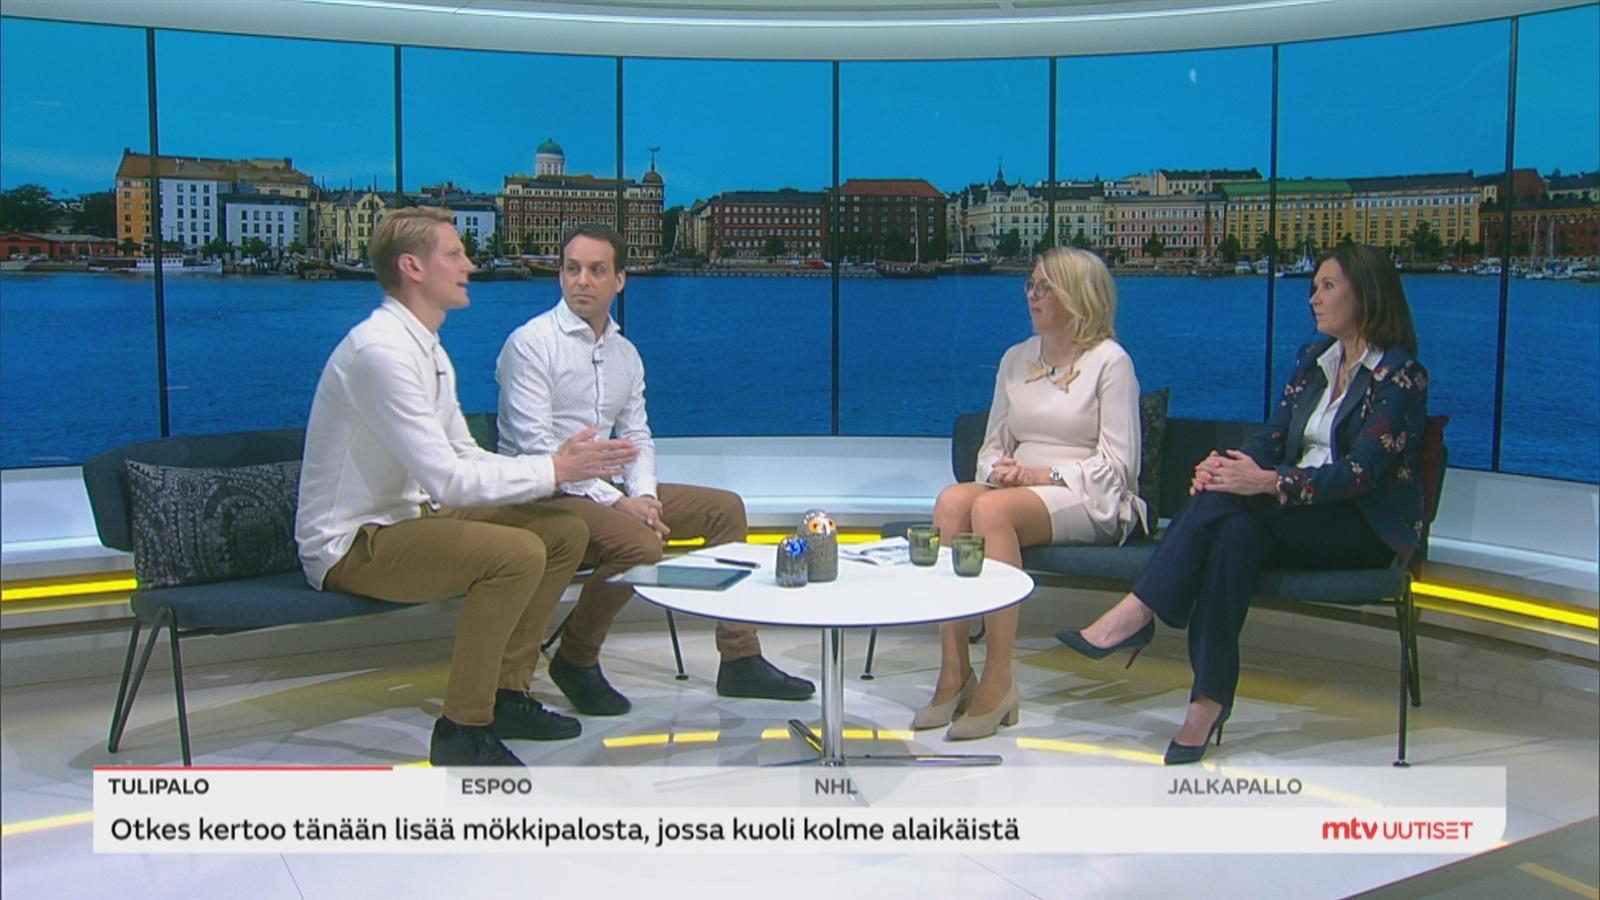 suomen vaikutusvaltaisimmat naiset